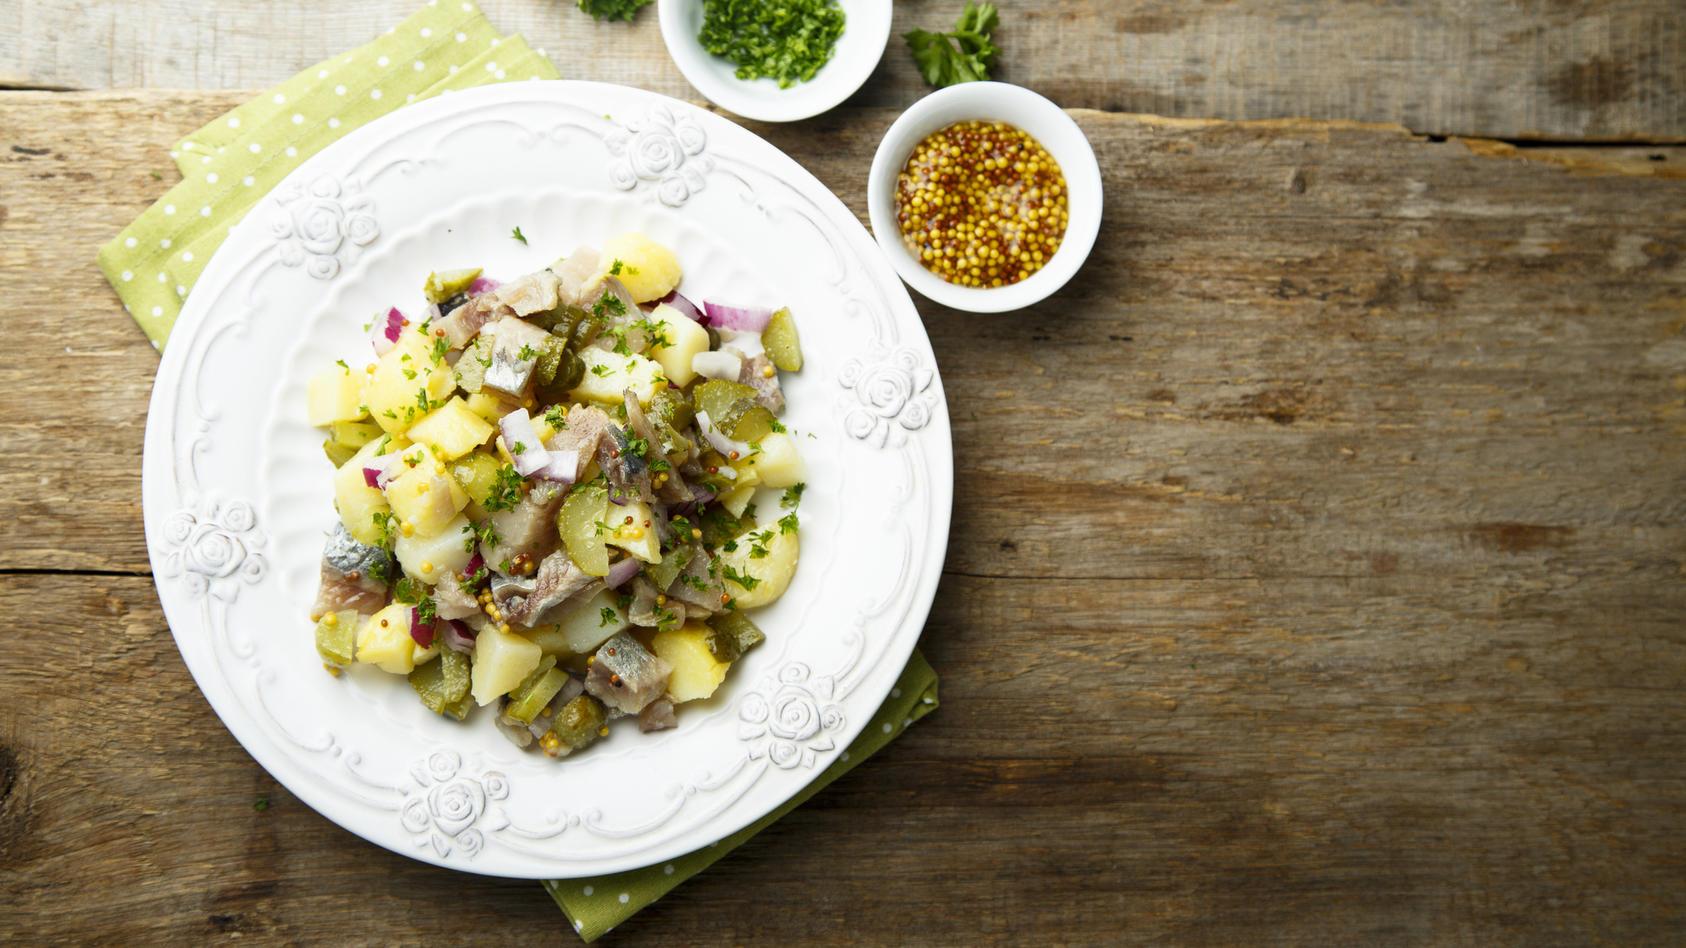 Frischer Kartoffel-Gurken-Salat mit Apfel. (Symbolbild)